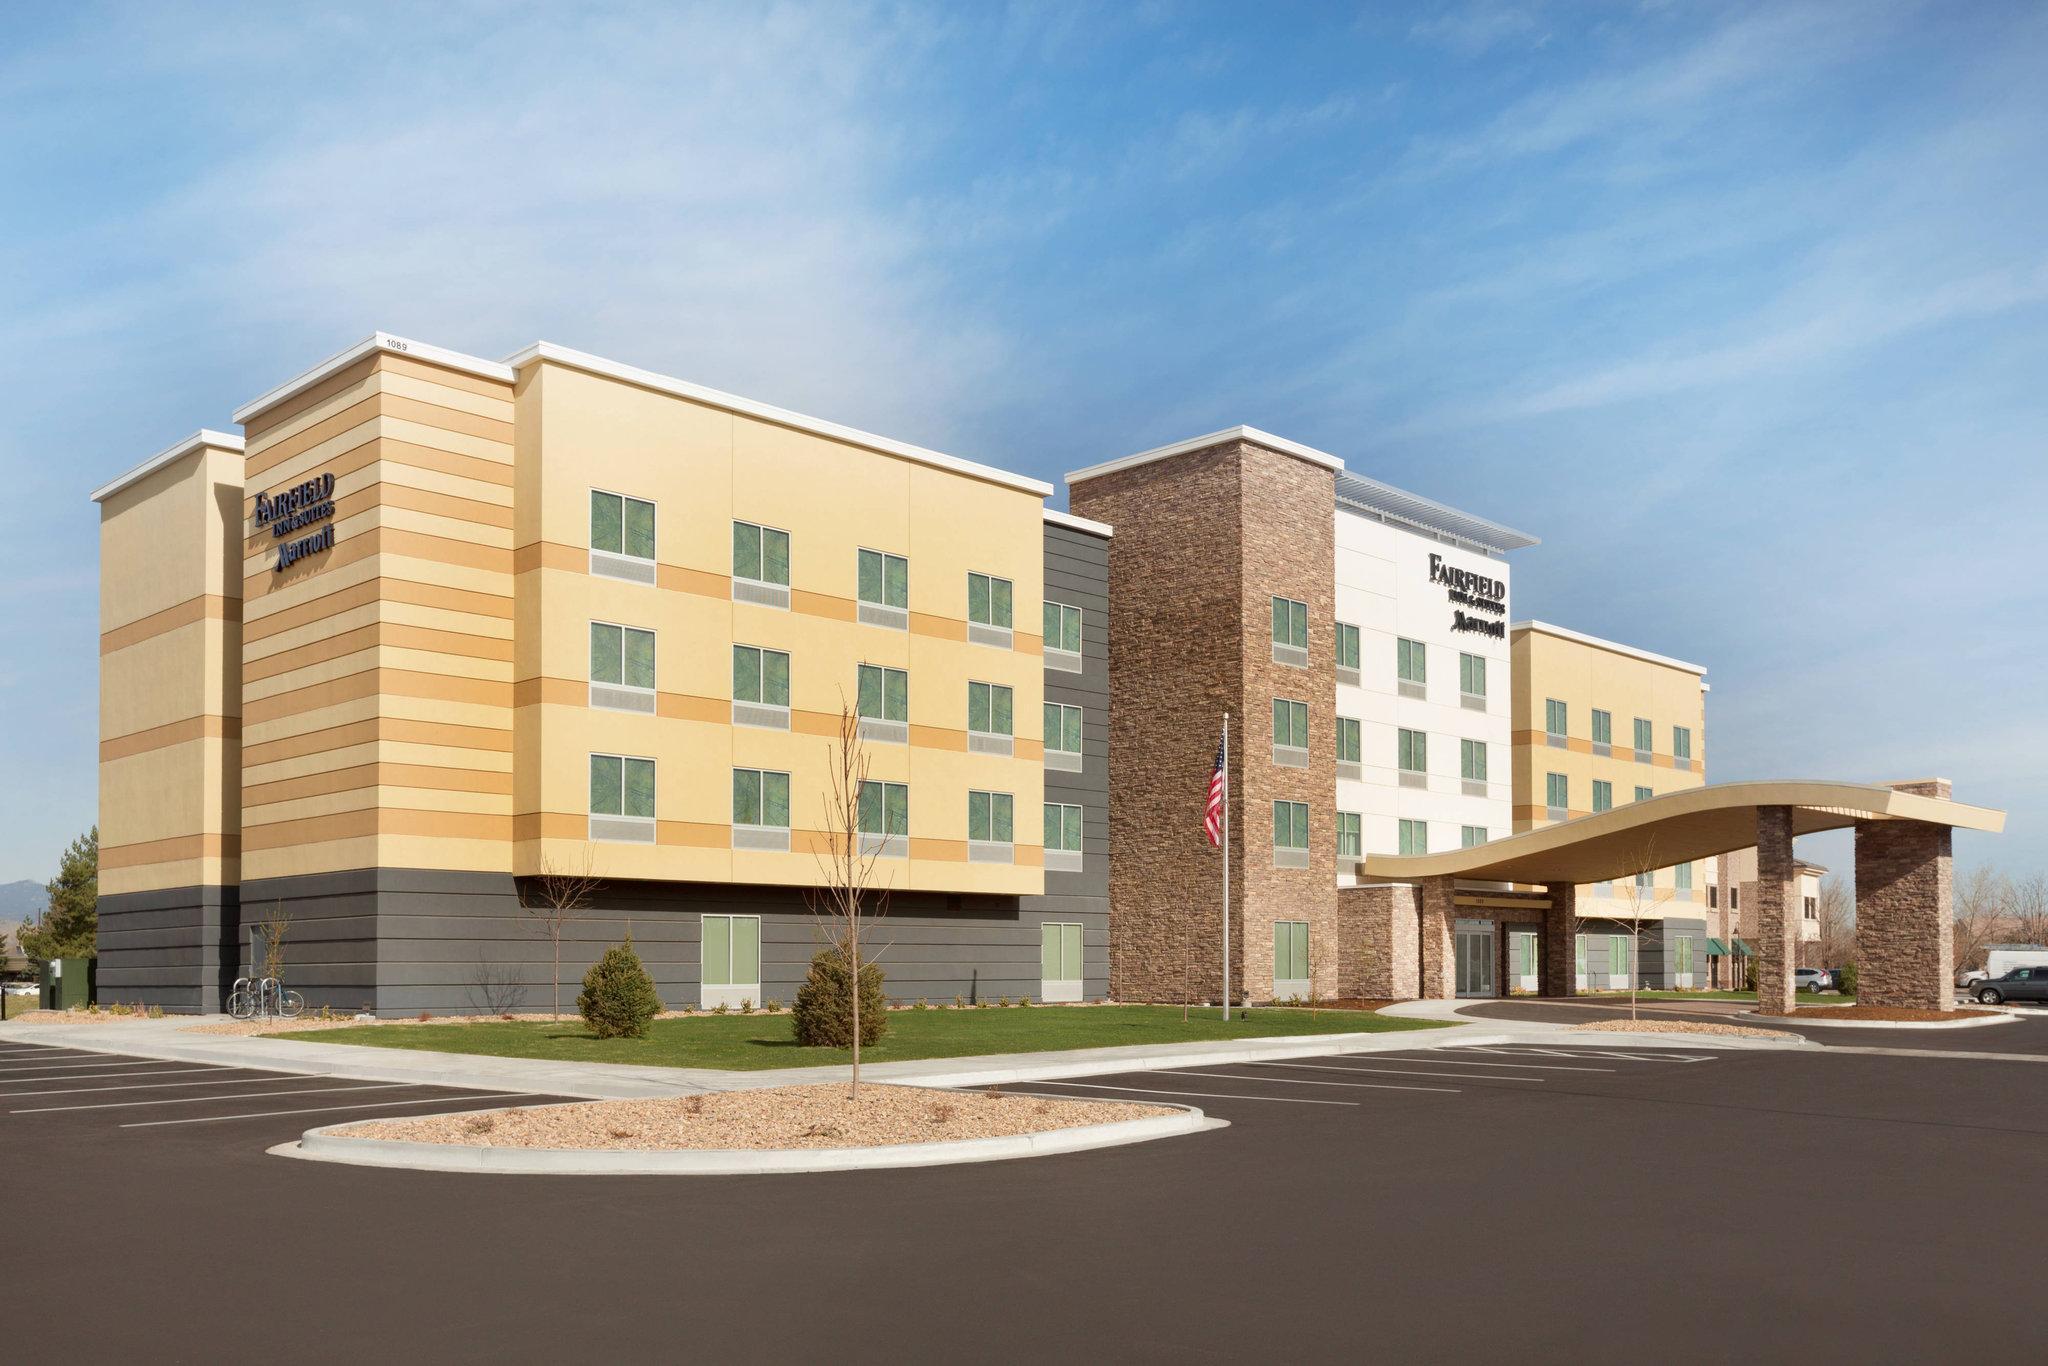 Fairfield Inn And Suites Boulder Longmont